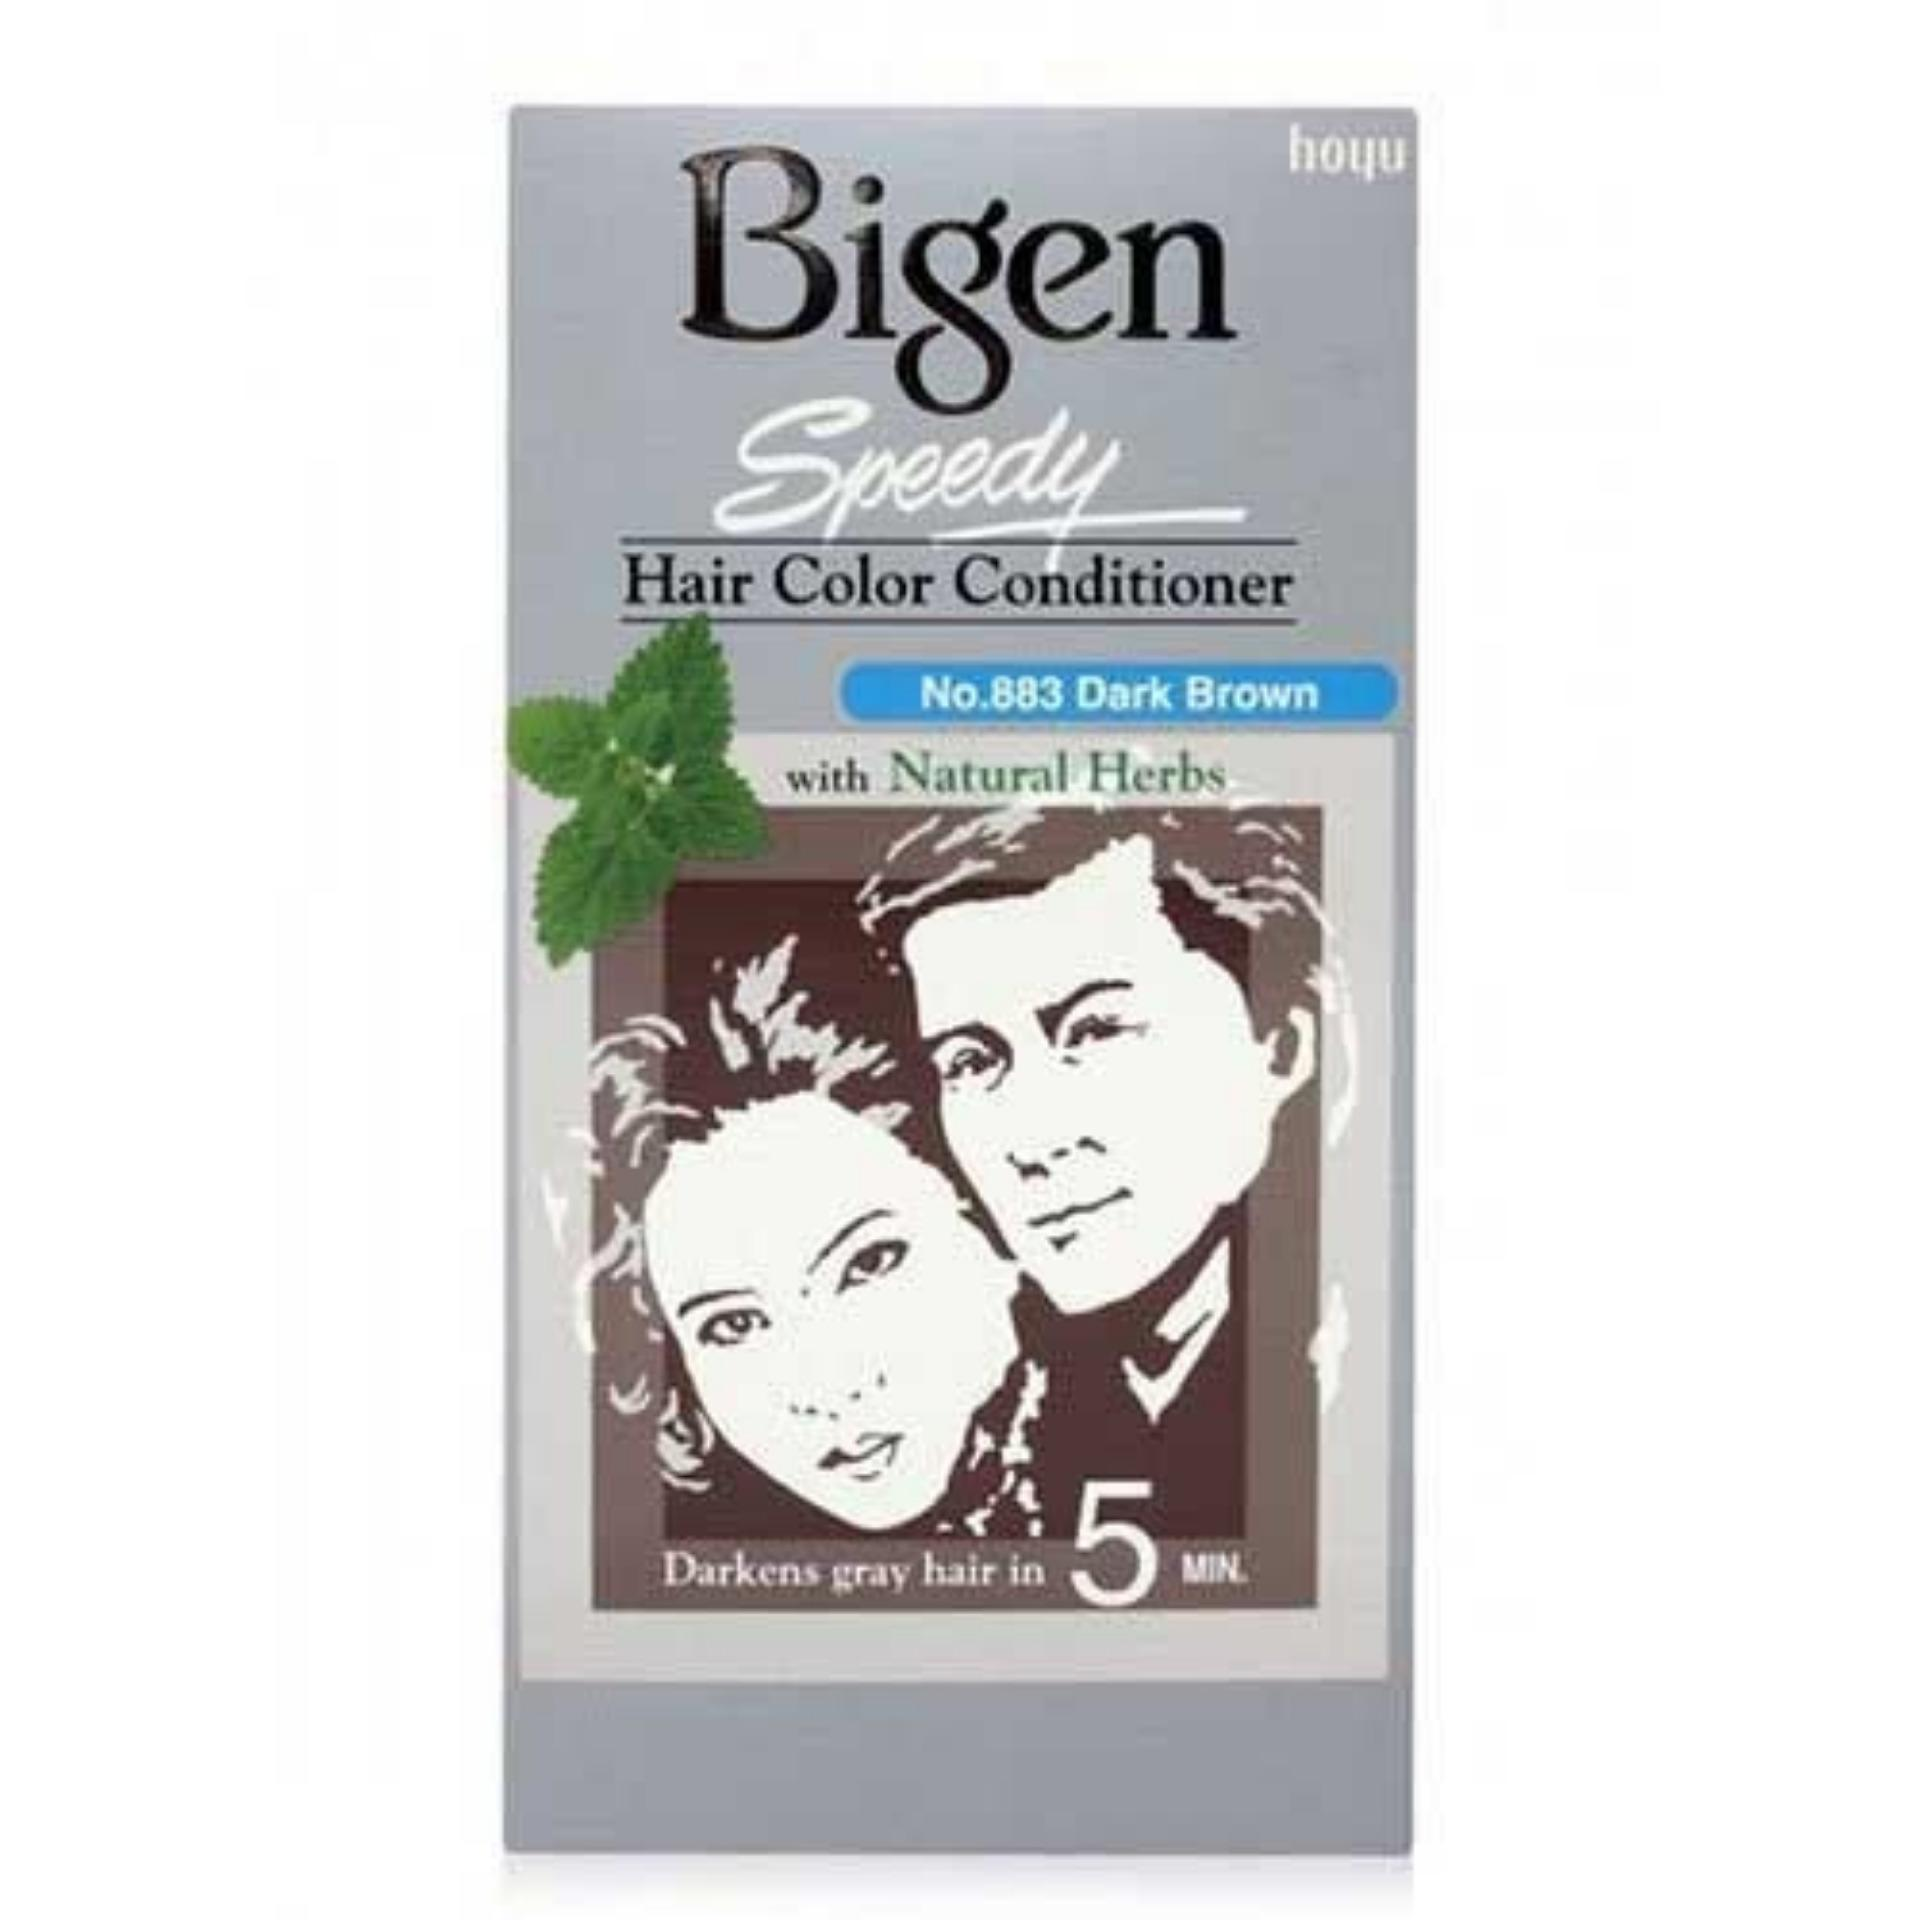 Thuốc Nhuộm Bigen Dark brown Nâu Sẫm #883 – Japan Hàng chính hãng